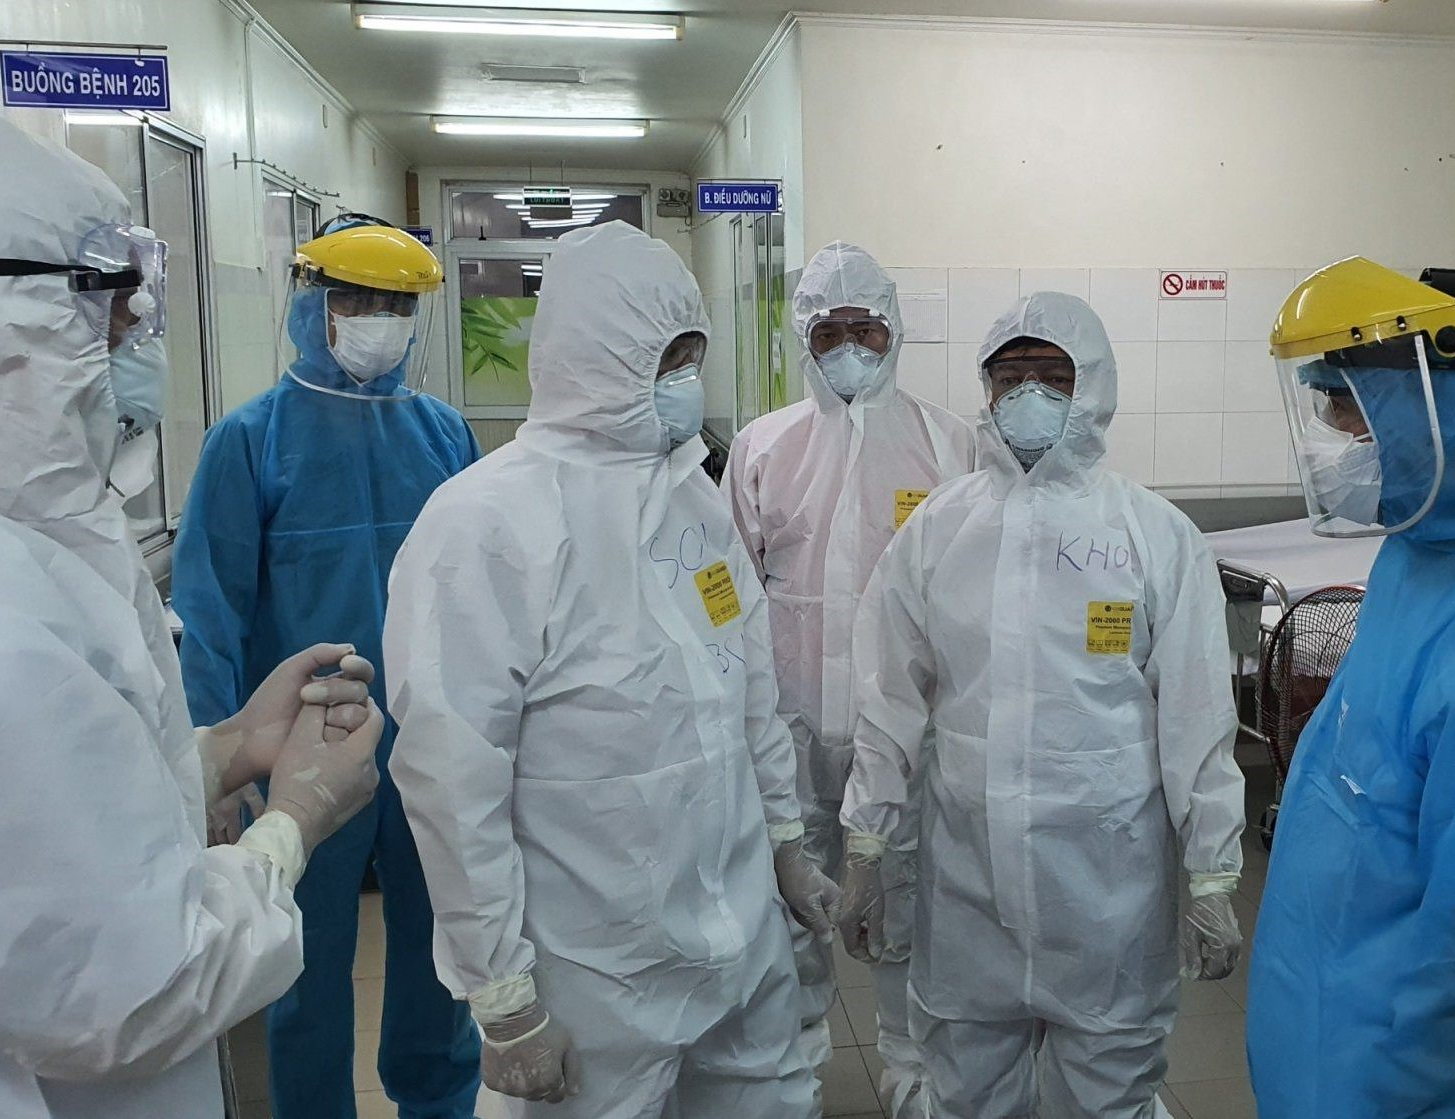 Nữ công nhân 38 tuổi ở Bắc Giang nhiễm SARS-CoV-2 tử vong - Ảnh 1.